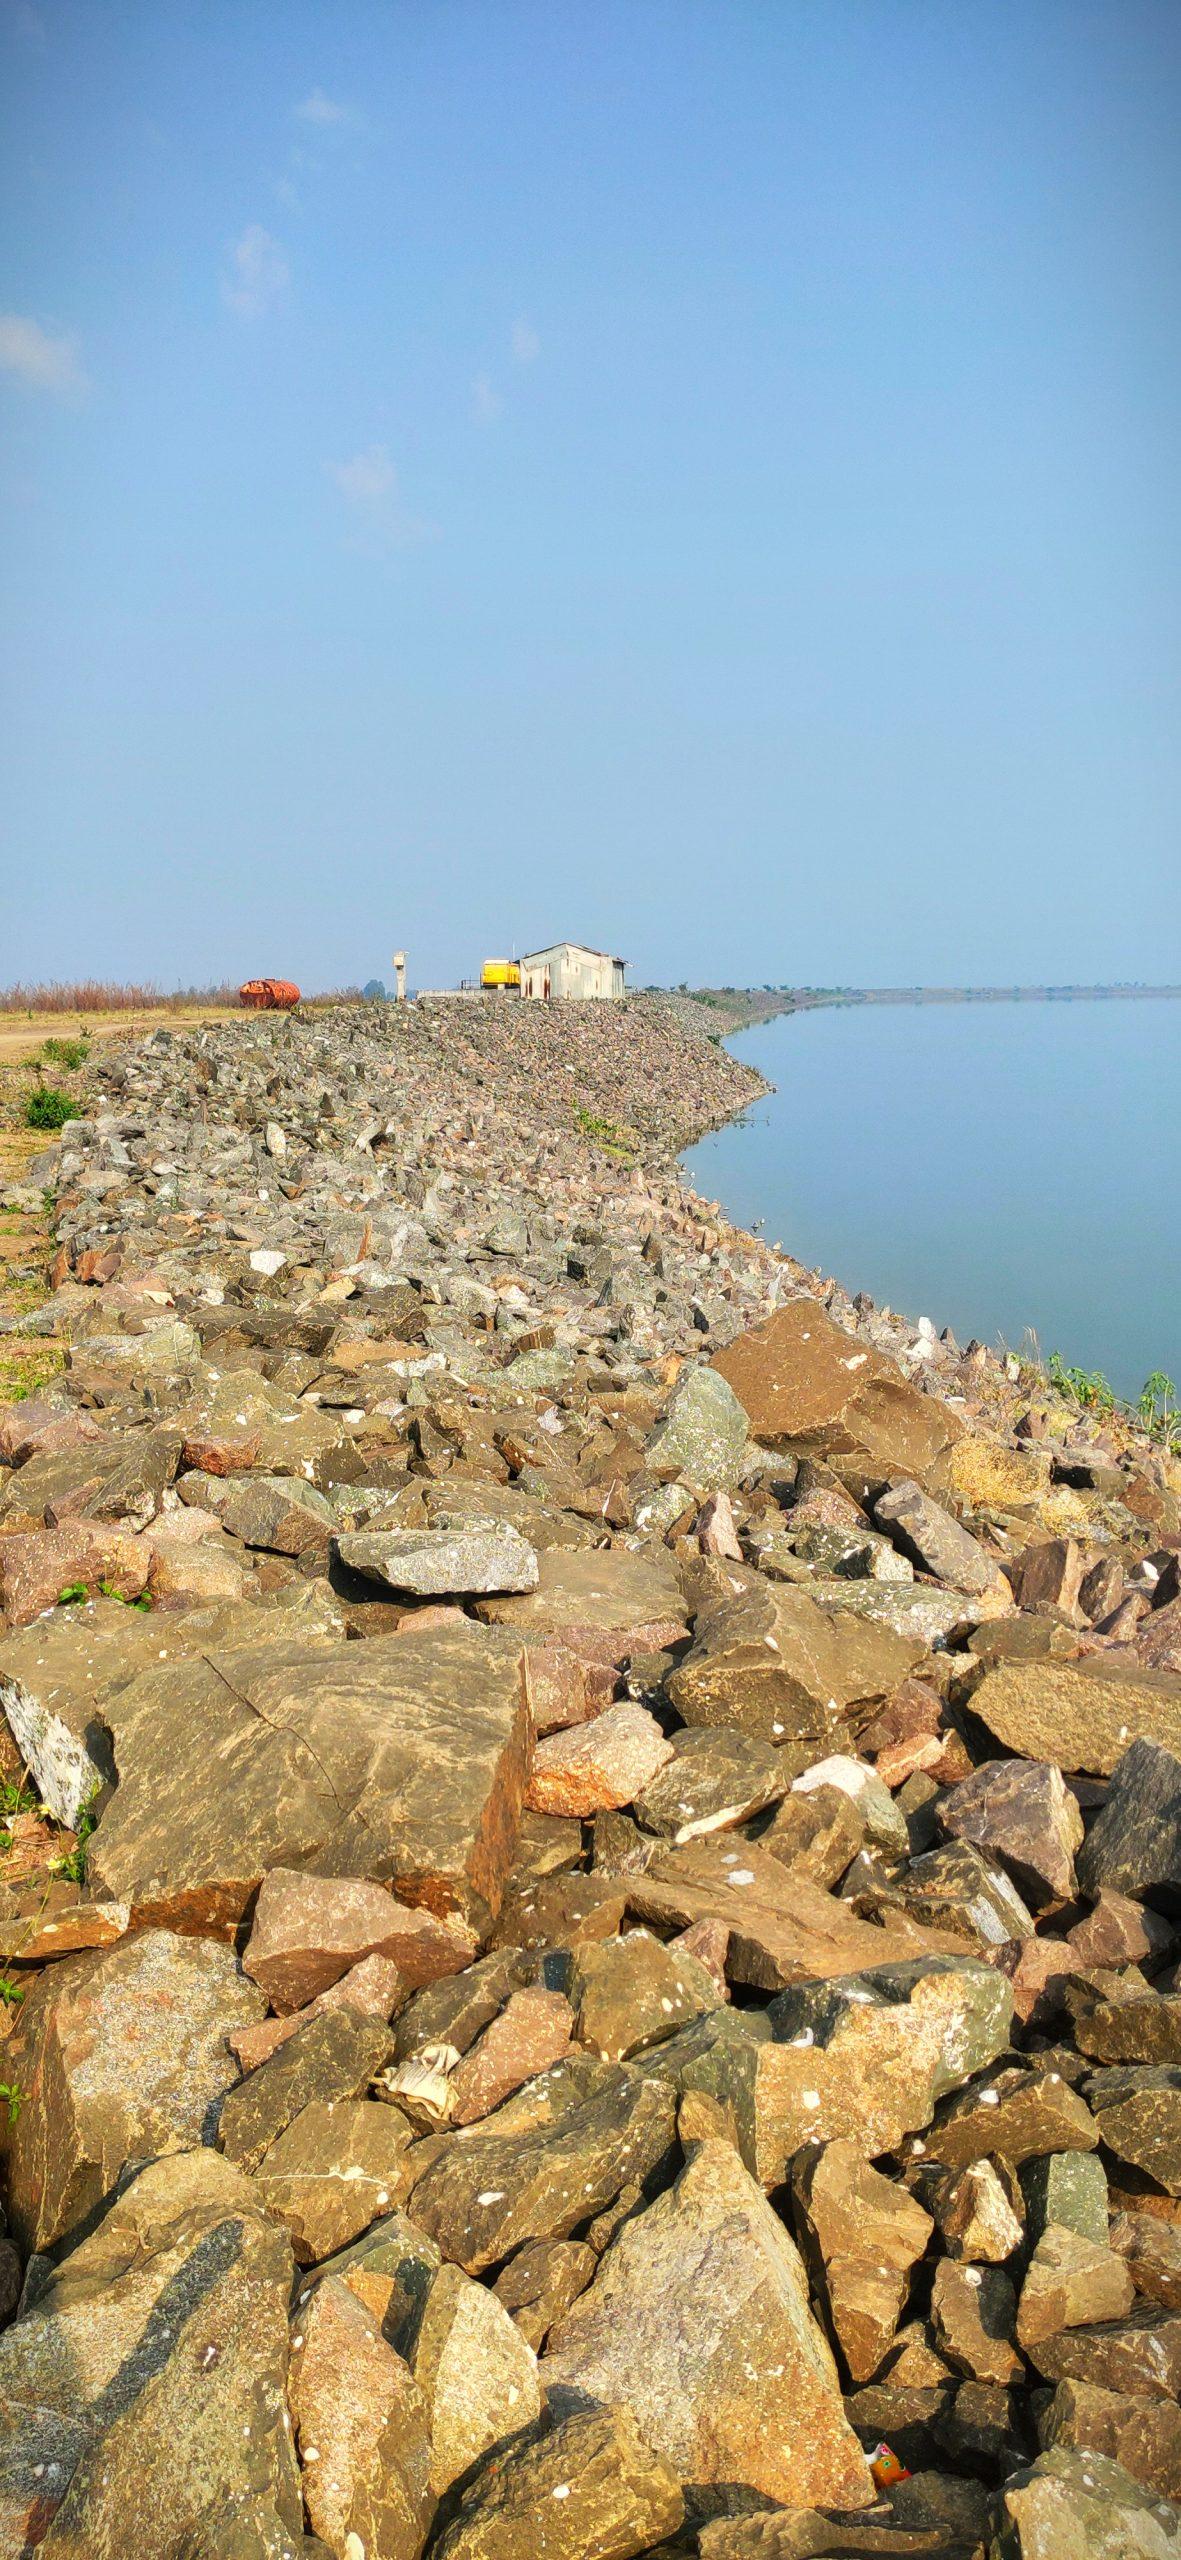 Stones at a riverbank